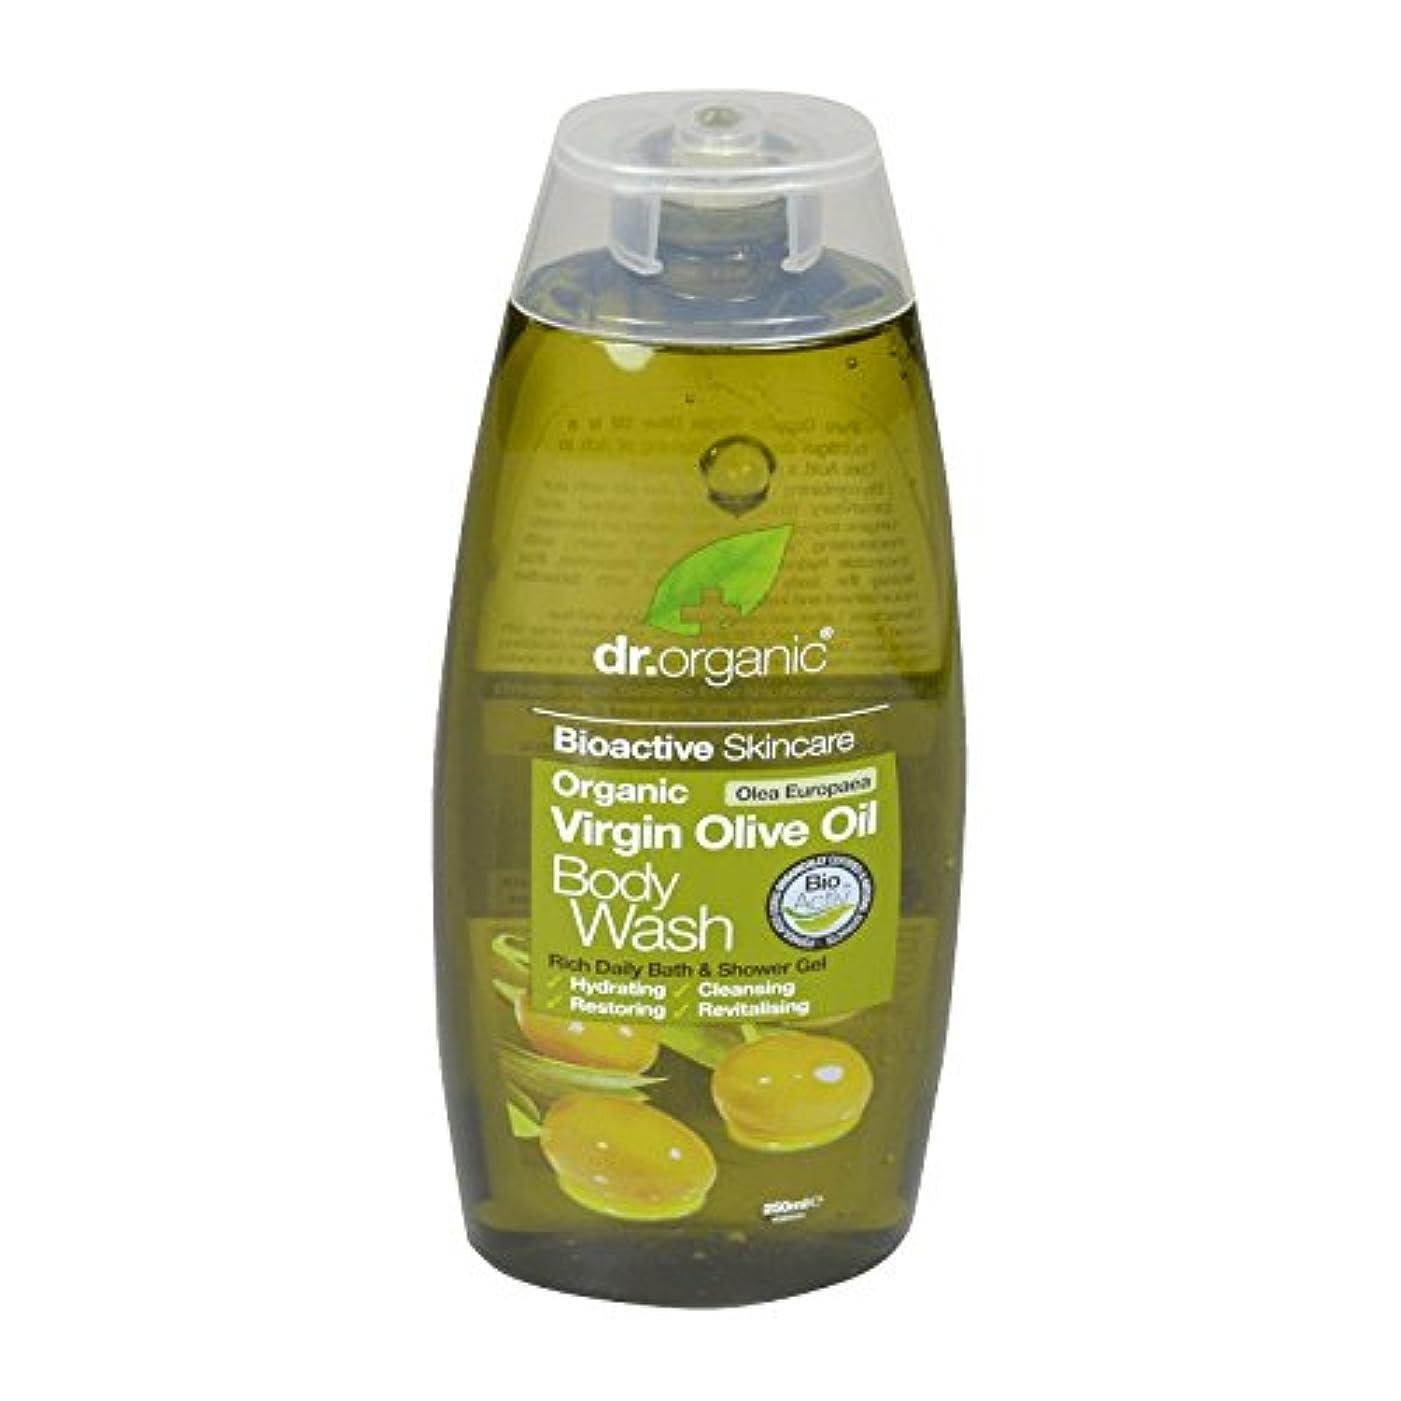 透明に最も遠いストラトフォードオンエイボンDr Organic Virgin Olive Oil Body Wash (Pack of 2) - Dr有機バージンオリーブオイルボディウォッシュ (x2) [並行輸入品]